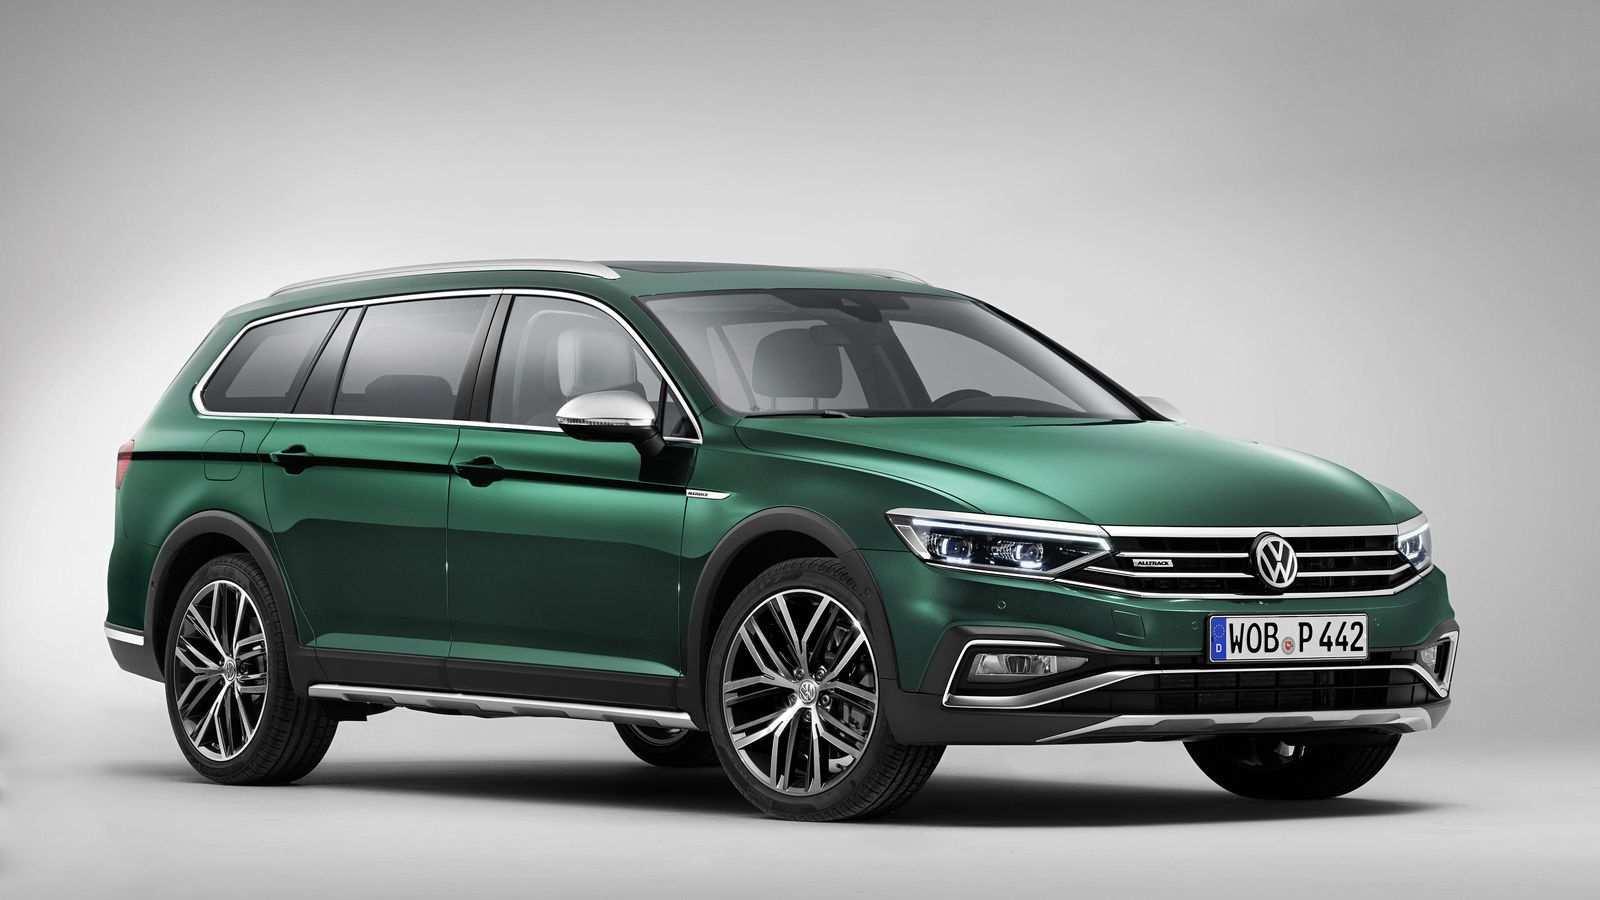 73 The 2020 Volkswagen Passat Wagon History by 2020 Volkswagen Passat Wagon